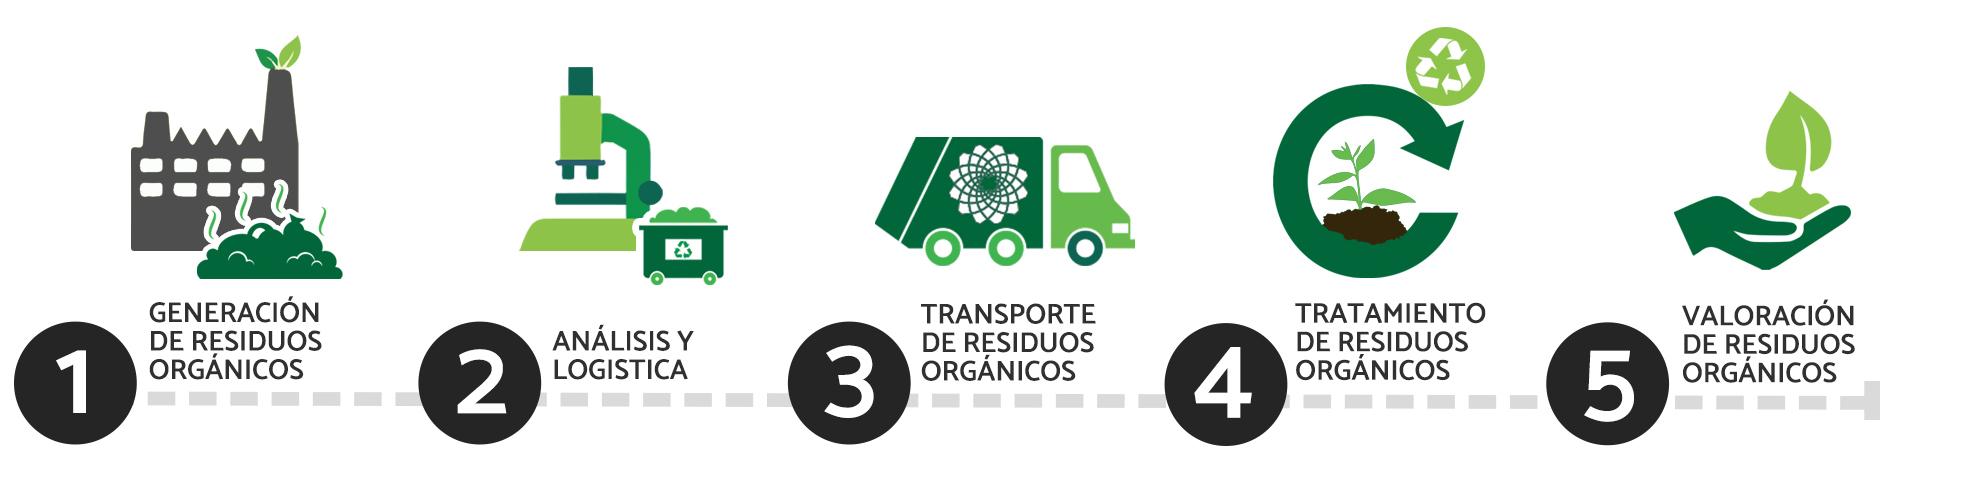 proceso de reciclaje BioTerra